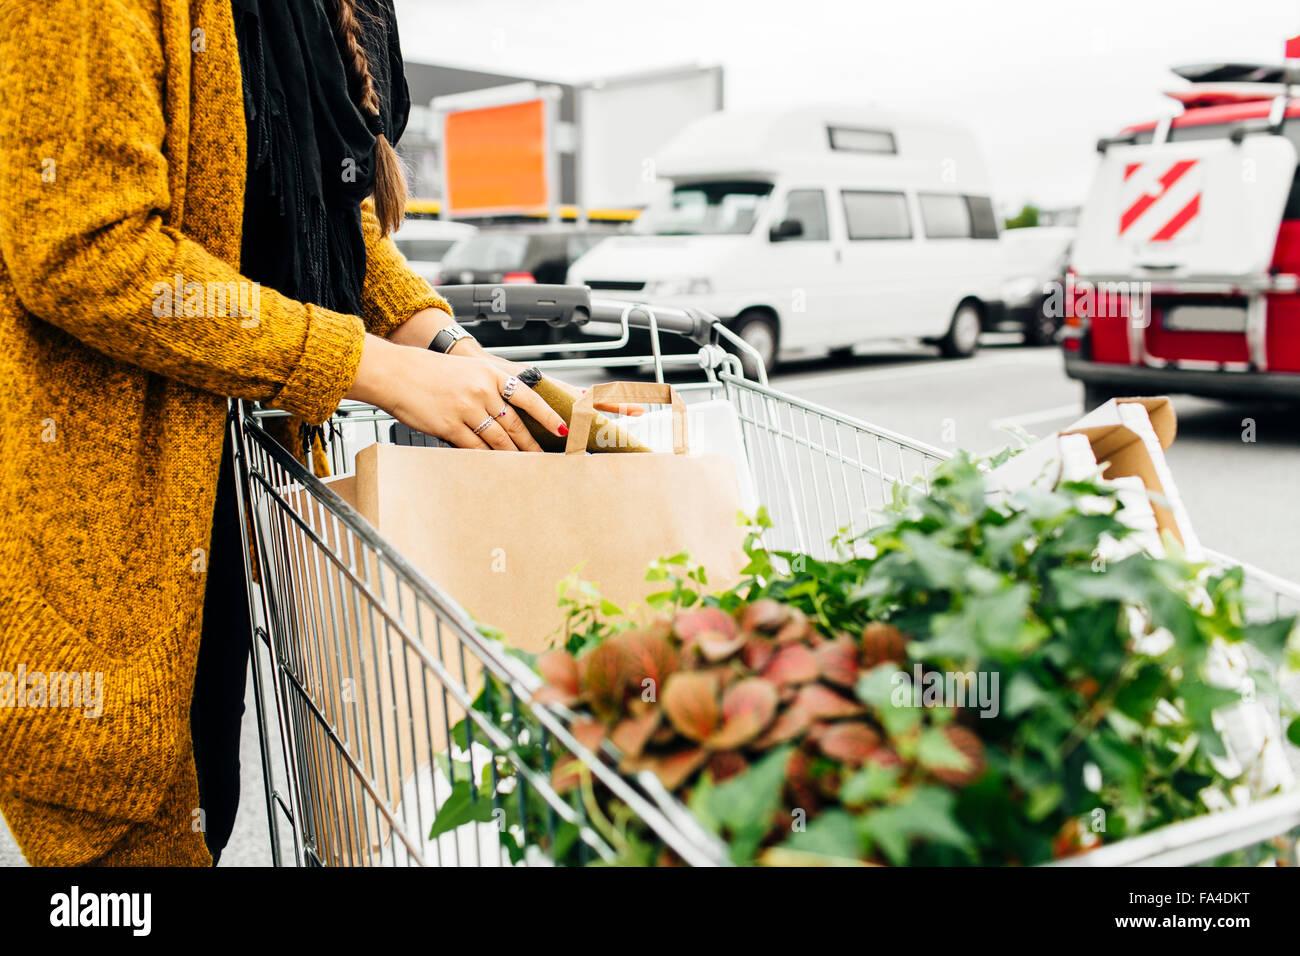 Portrait de femme avec panier d'achats en pleine zone de stationnement Photo Stock